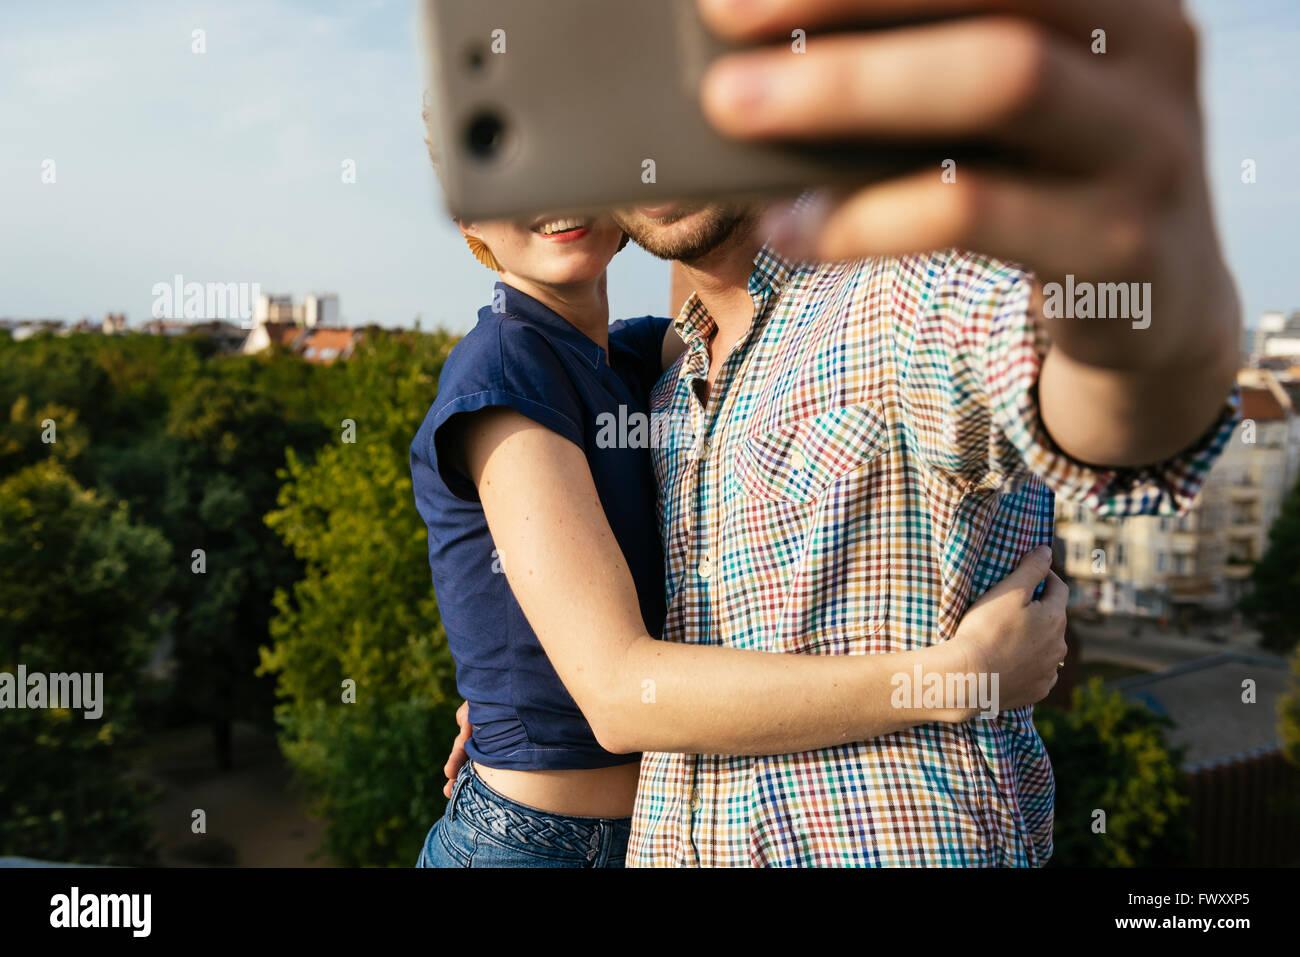 Alemania, Berlín, joven pareja abrazarse y teniendo selfie con teléfonos inteligentes.Foto de stock